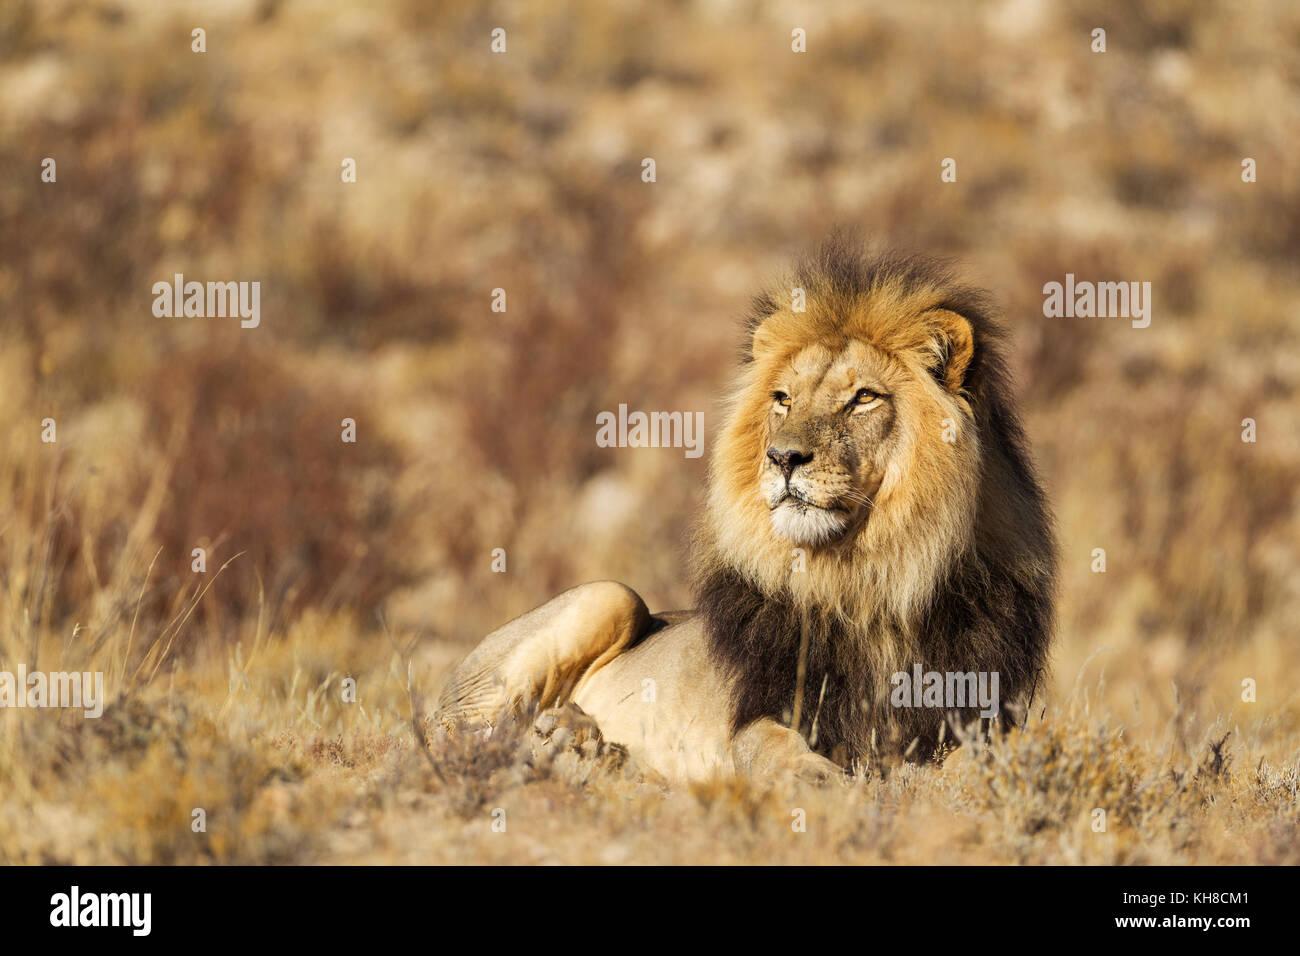 Black-maned Lion (Panthera leo vernayi), male, resting, Kalahari Desert, Kgalagadi Transfrontier Park, South Africa Stock Photo